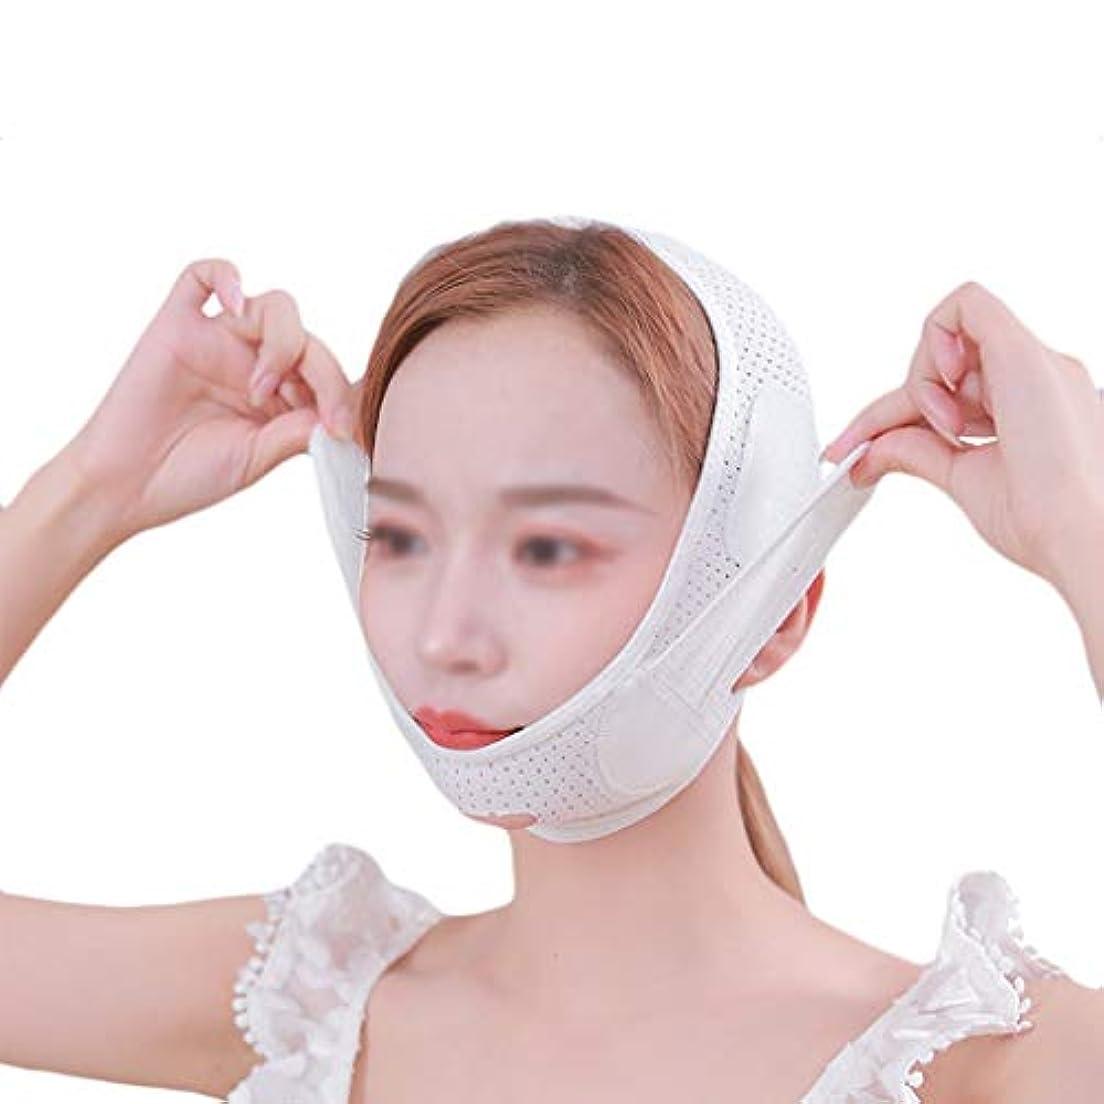 先のことを考える付与相談XHLMRMJ フェイシャルリフティング包帯、頬痩身マスク包帯、フェイスリフティングファーミングフェイスリフティング、リフティングダブルチンフェイシャルマスク(ホワイト、フリーサイズ)